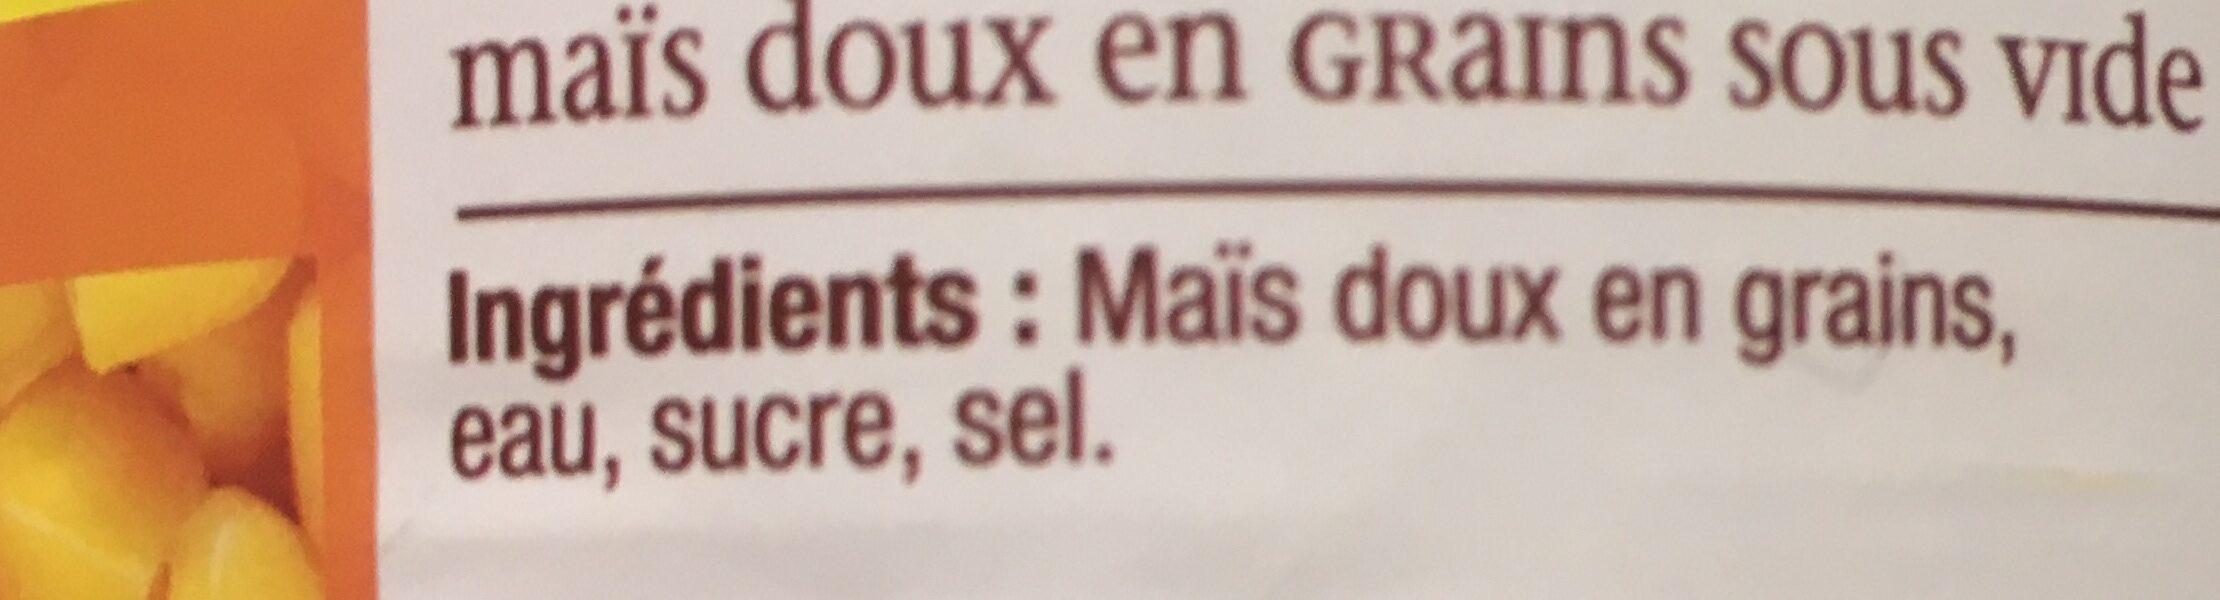 Mais grains doux Jean Nicolas Sous vide 1/2 - Ingrediënten